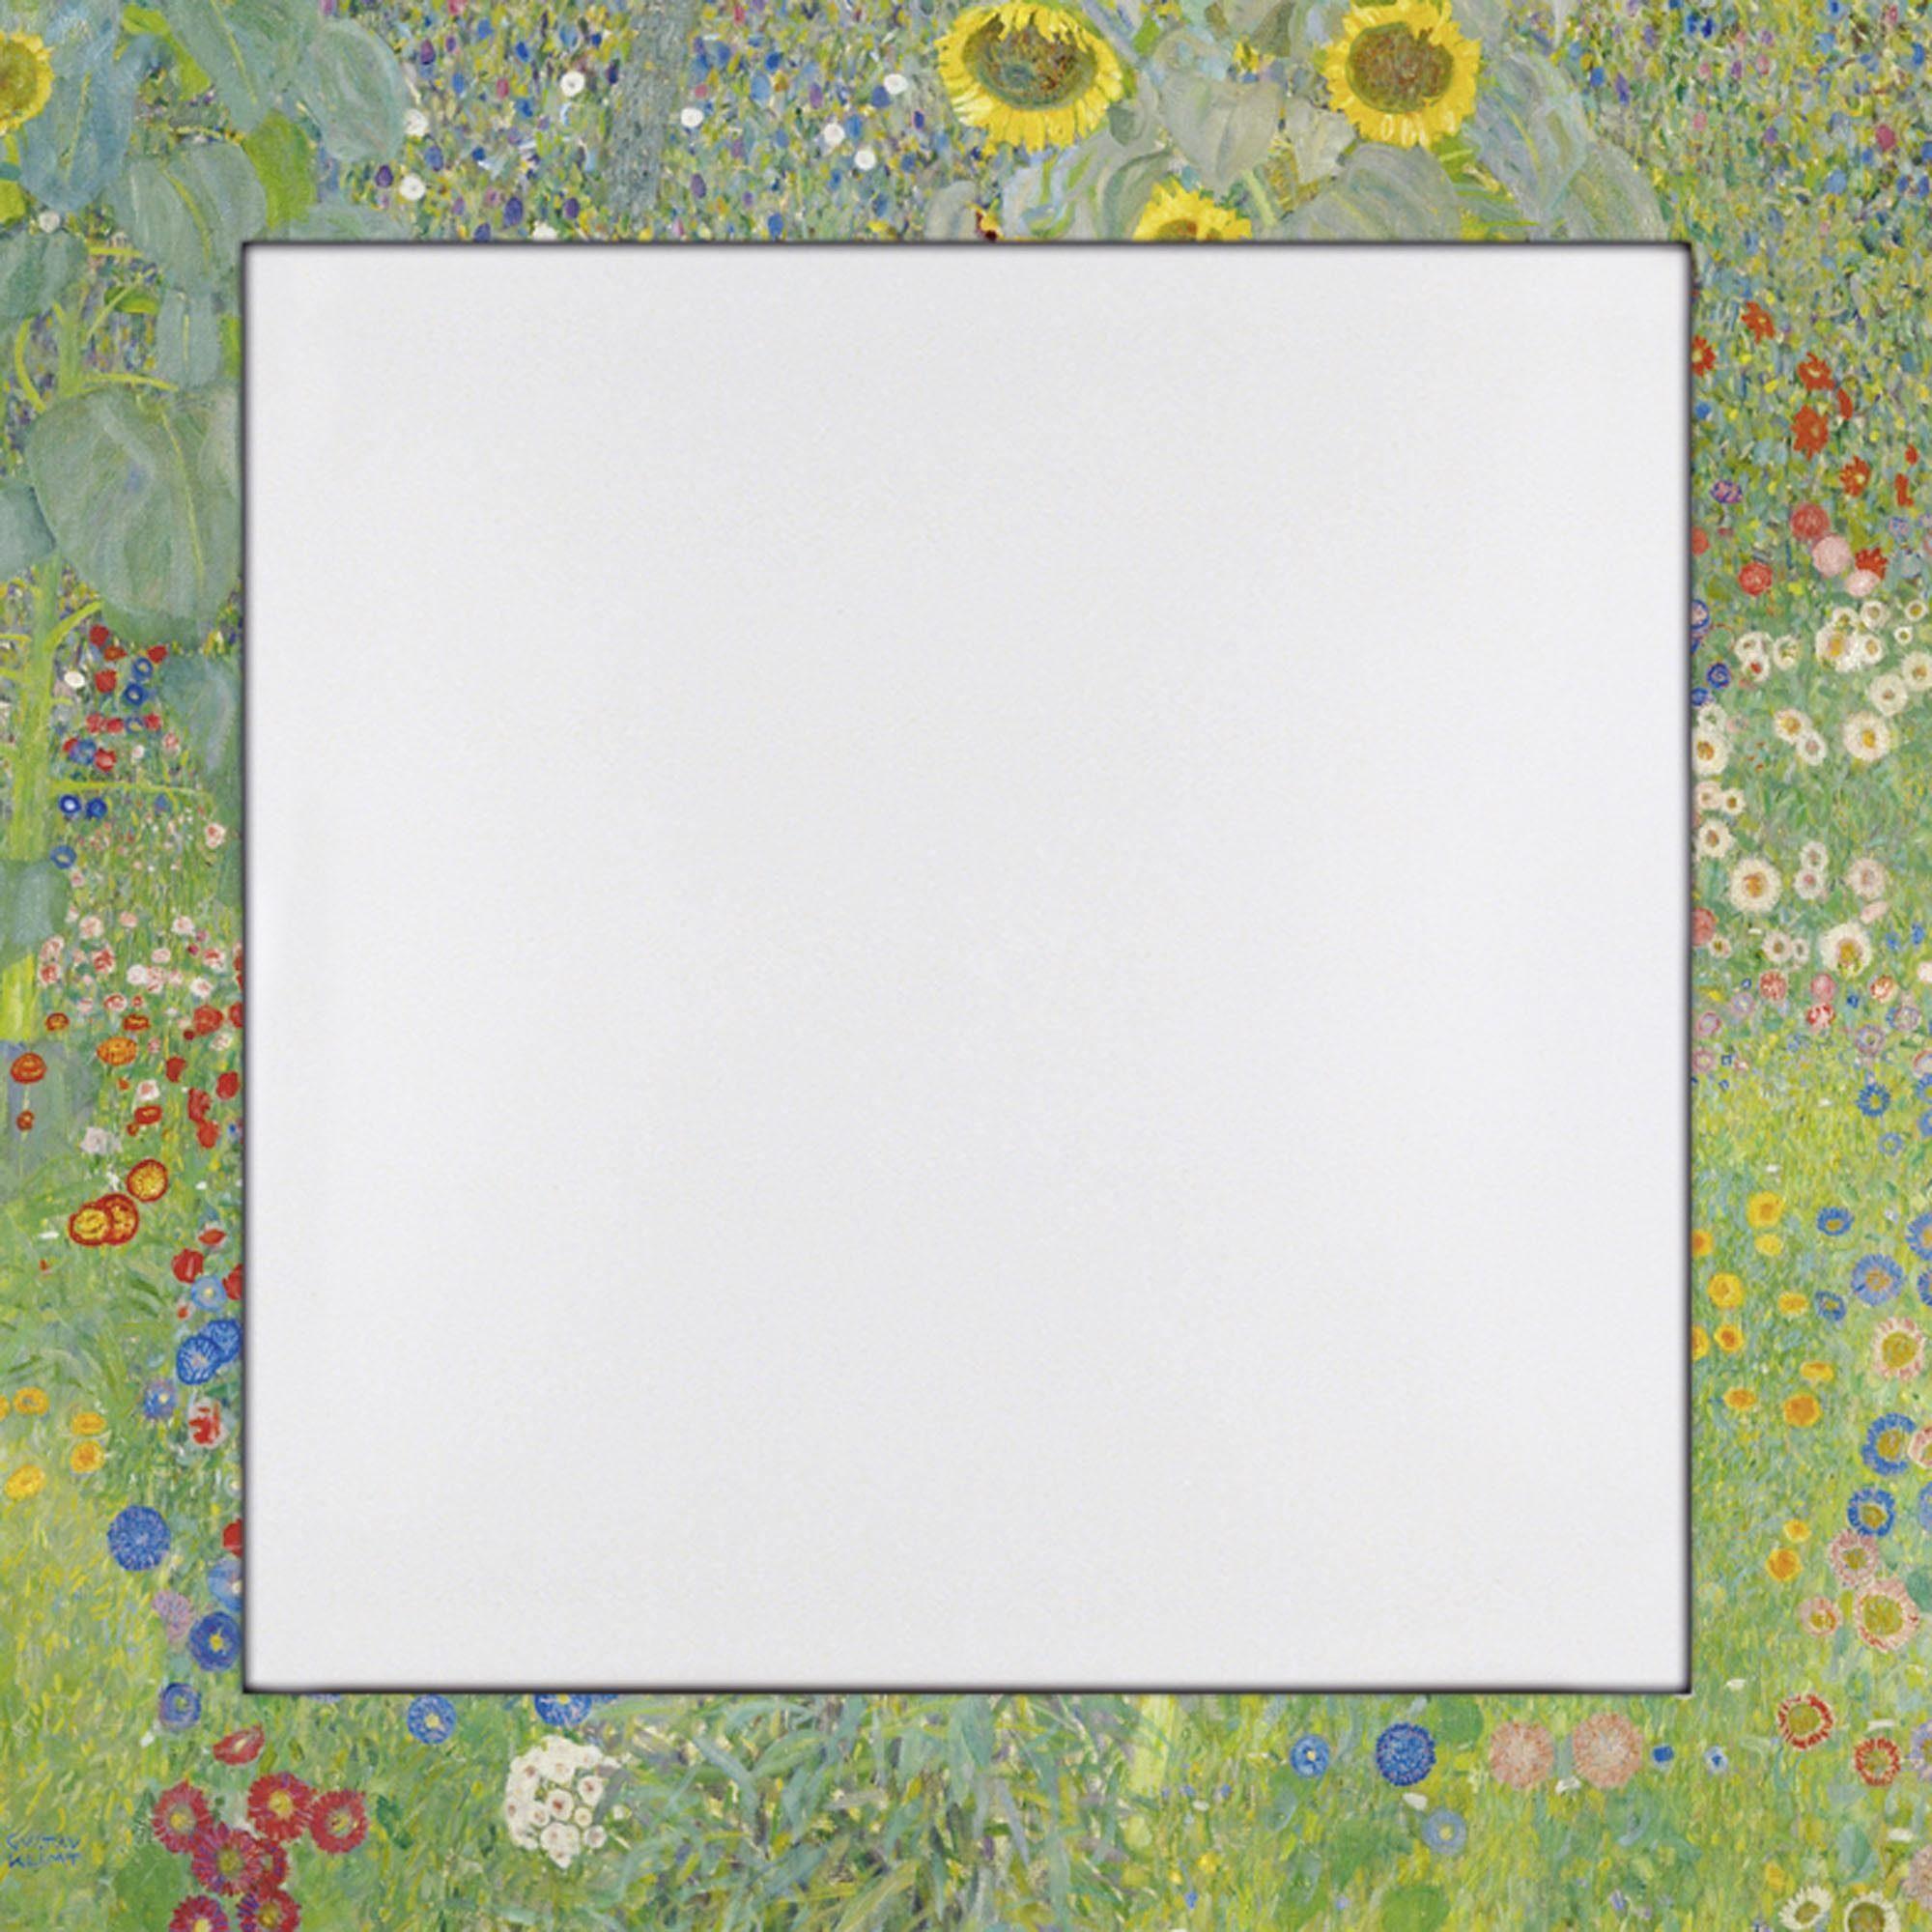 Home affaire Spiegel »Klimt, G.: Garten mit Sonnenblumen«